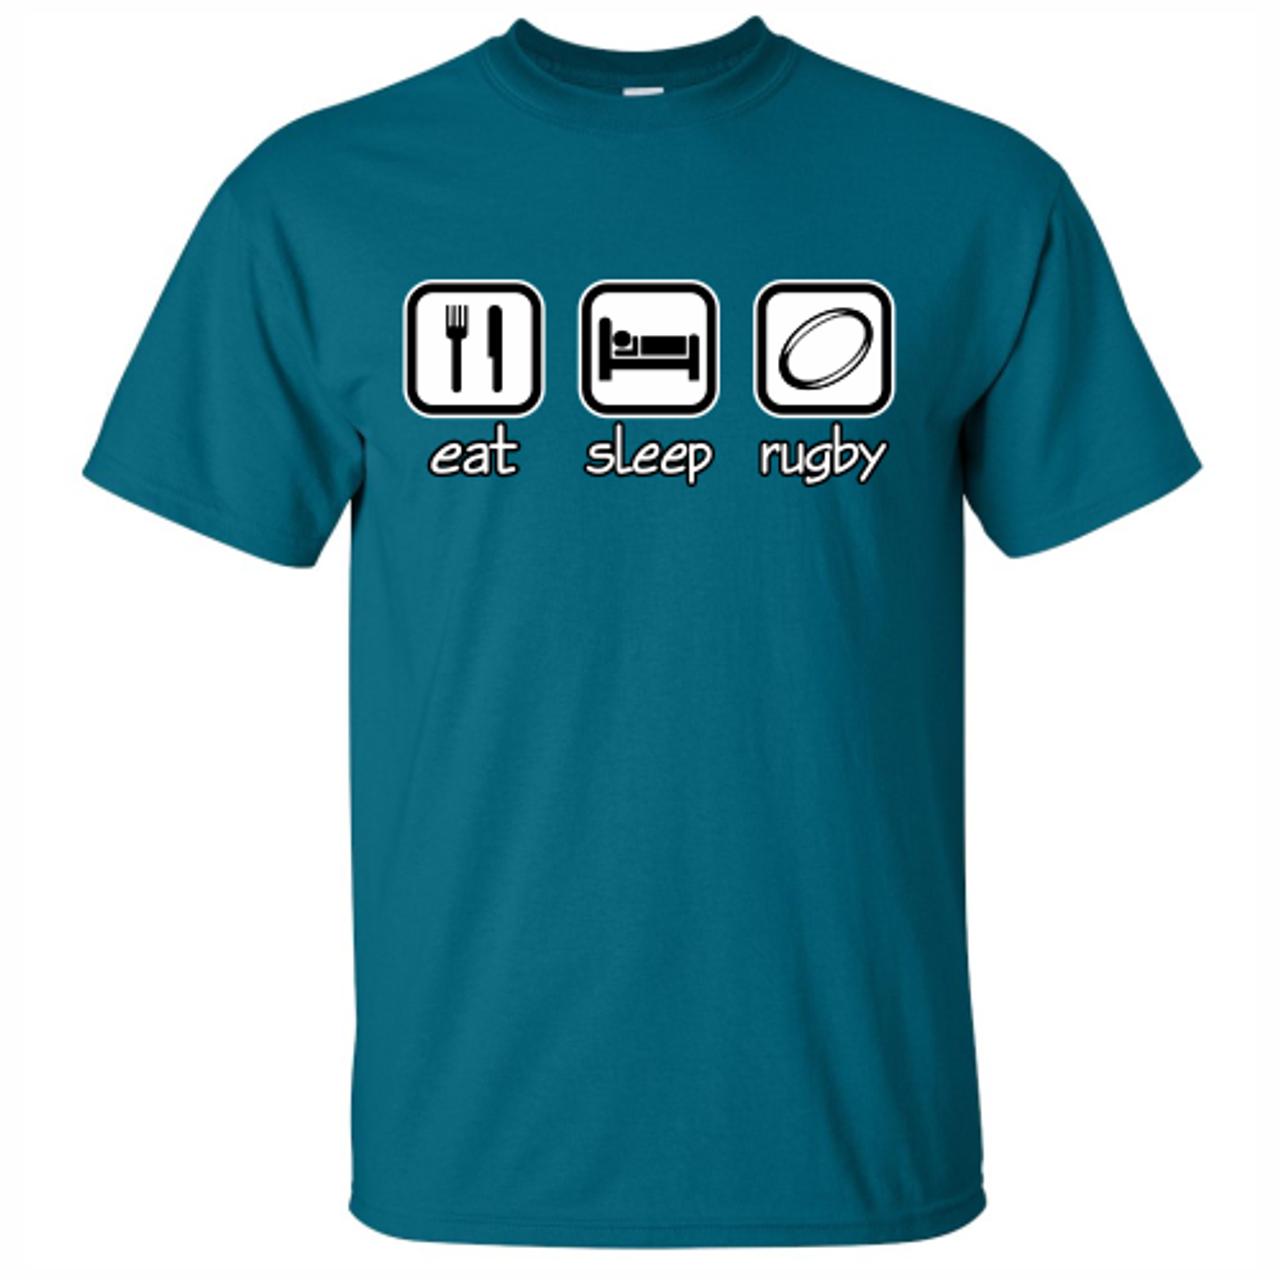 'Eat, Sleep, Rugby' Tee, Teal